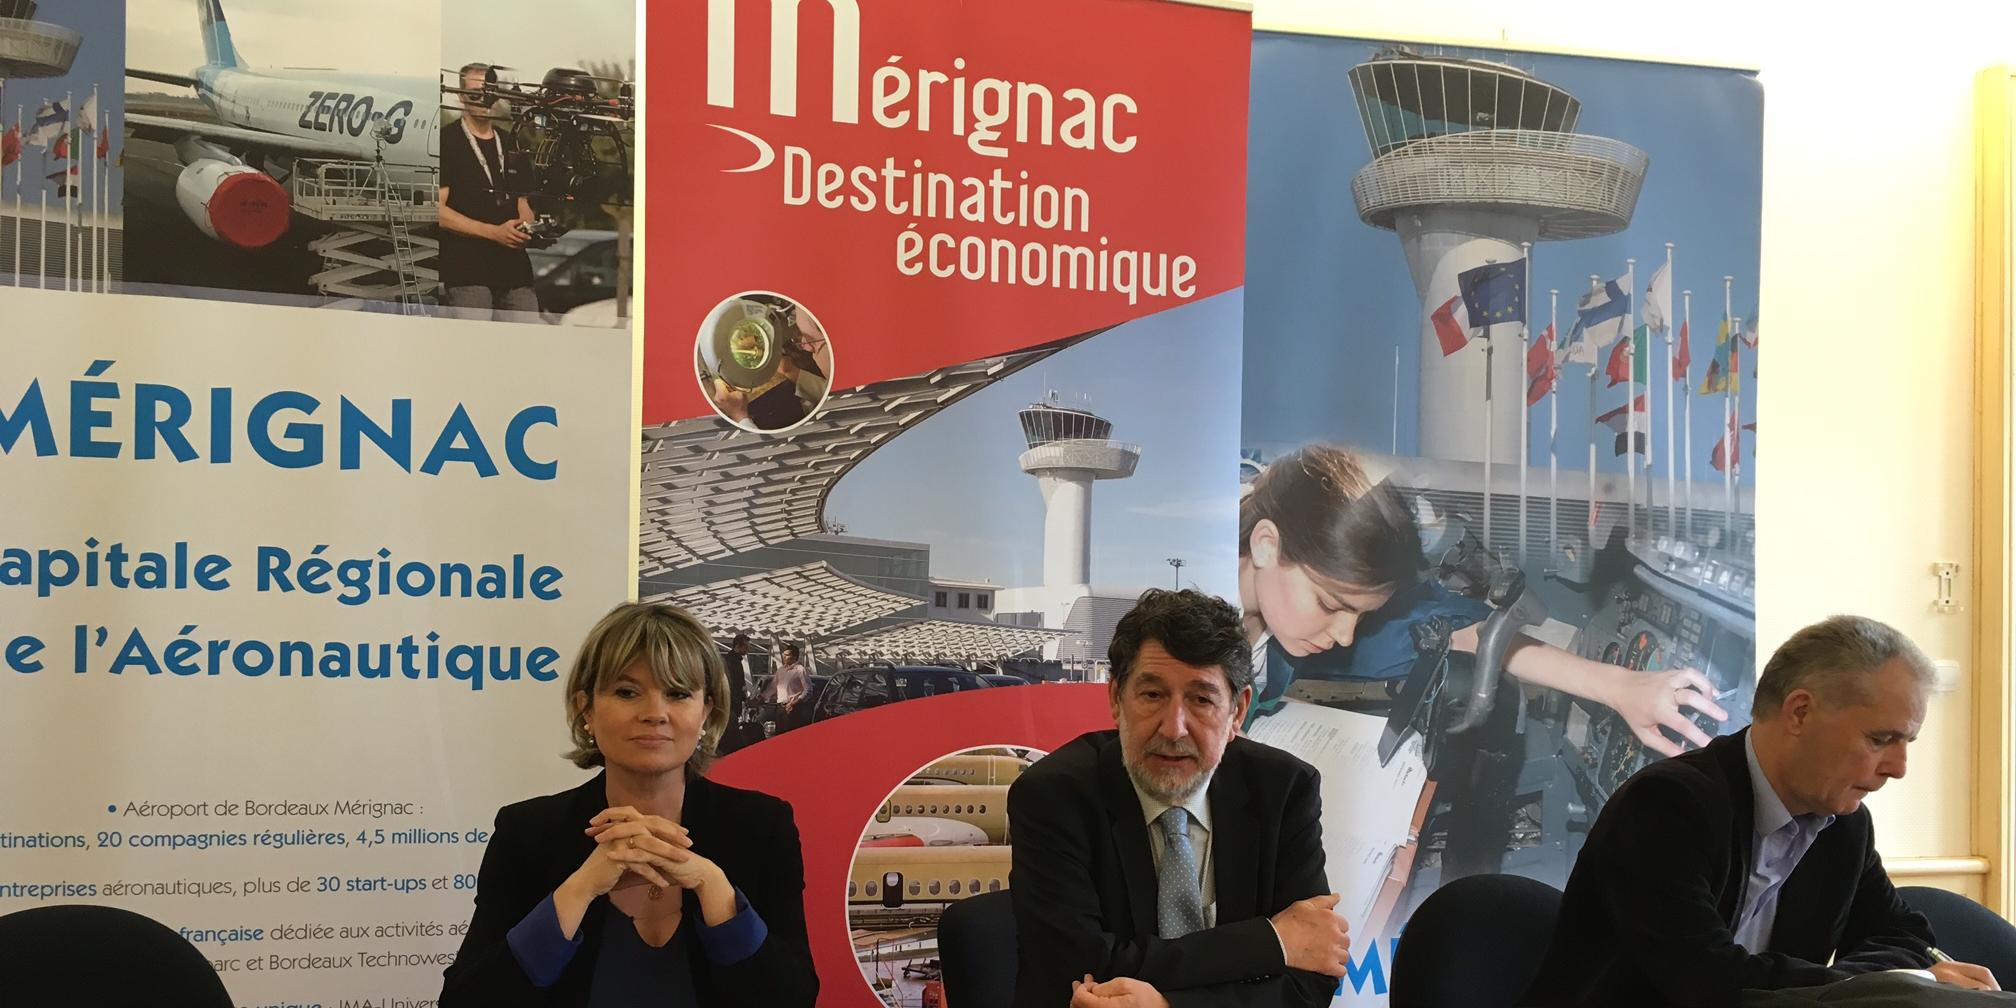 Le Top 10 Des Villes De Gironde Ou Il Faut Investir Selon Barnes